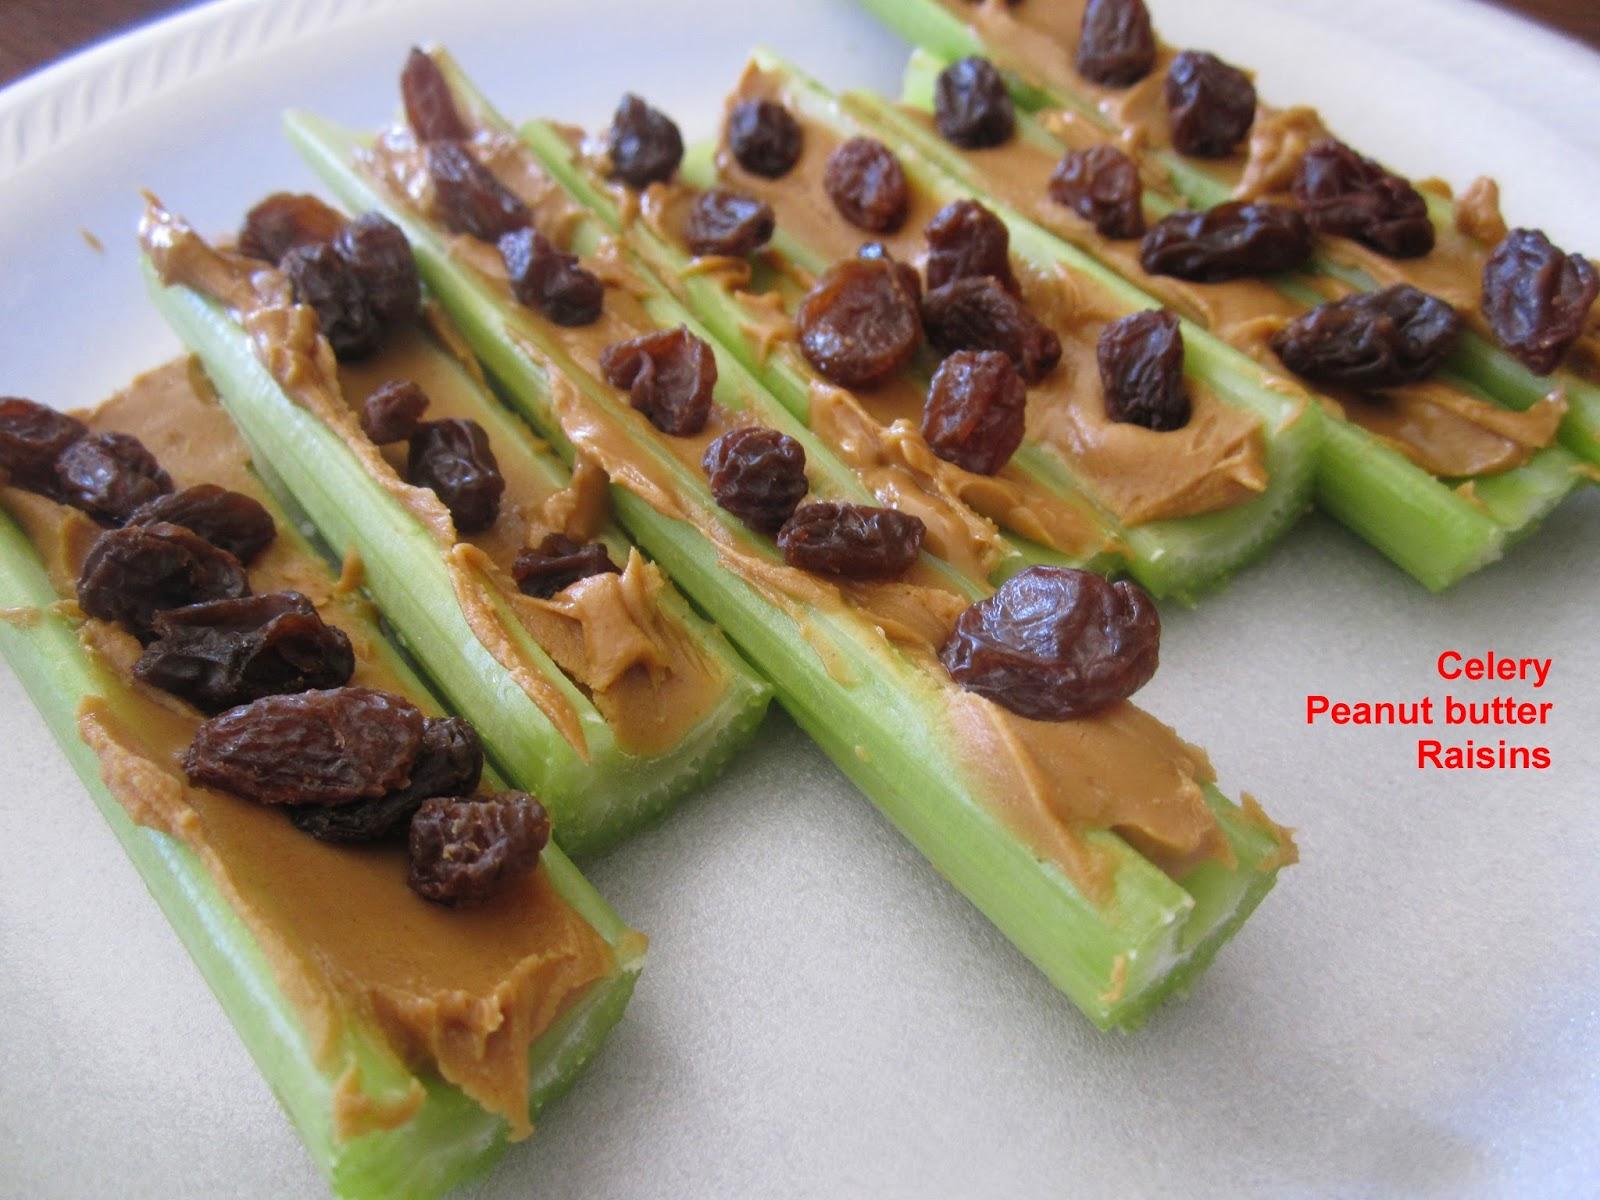 advocare snack ideas recipes - advocare snack ideas recipe